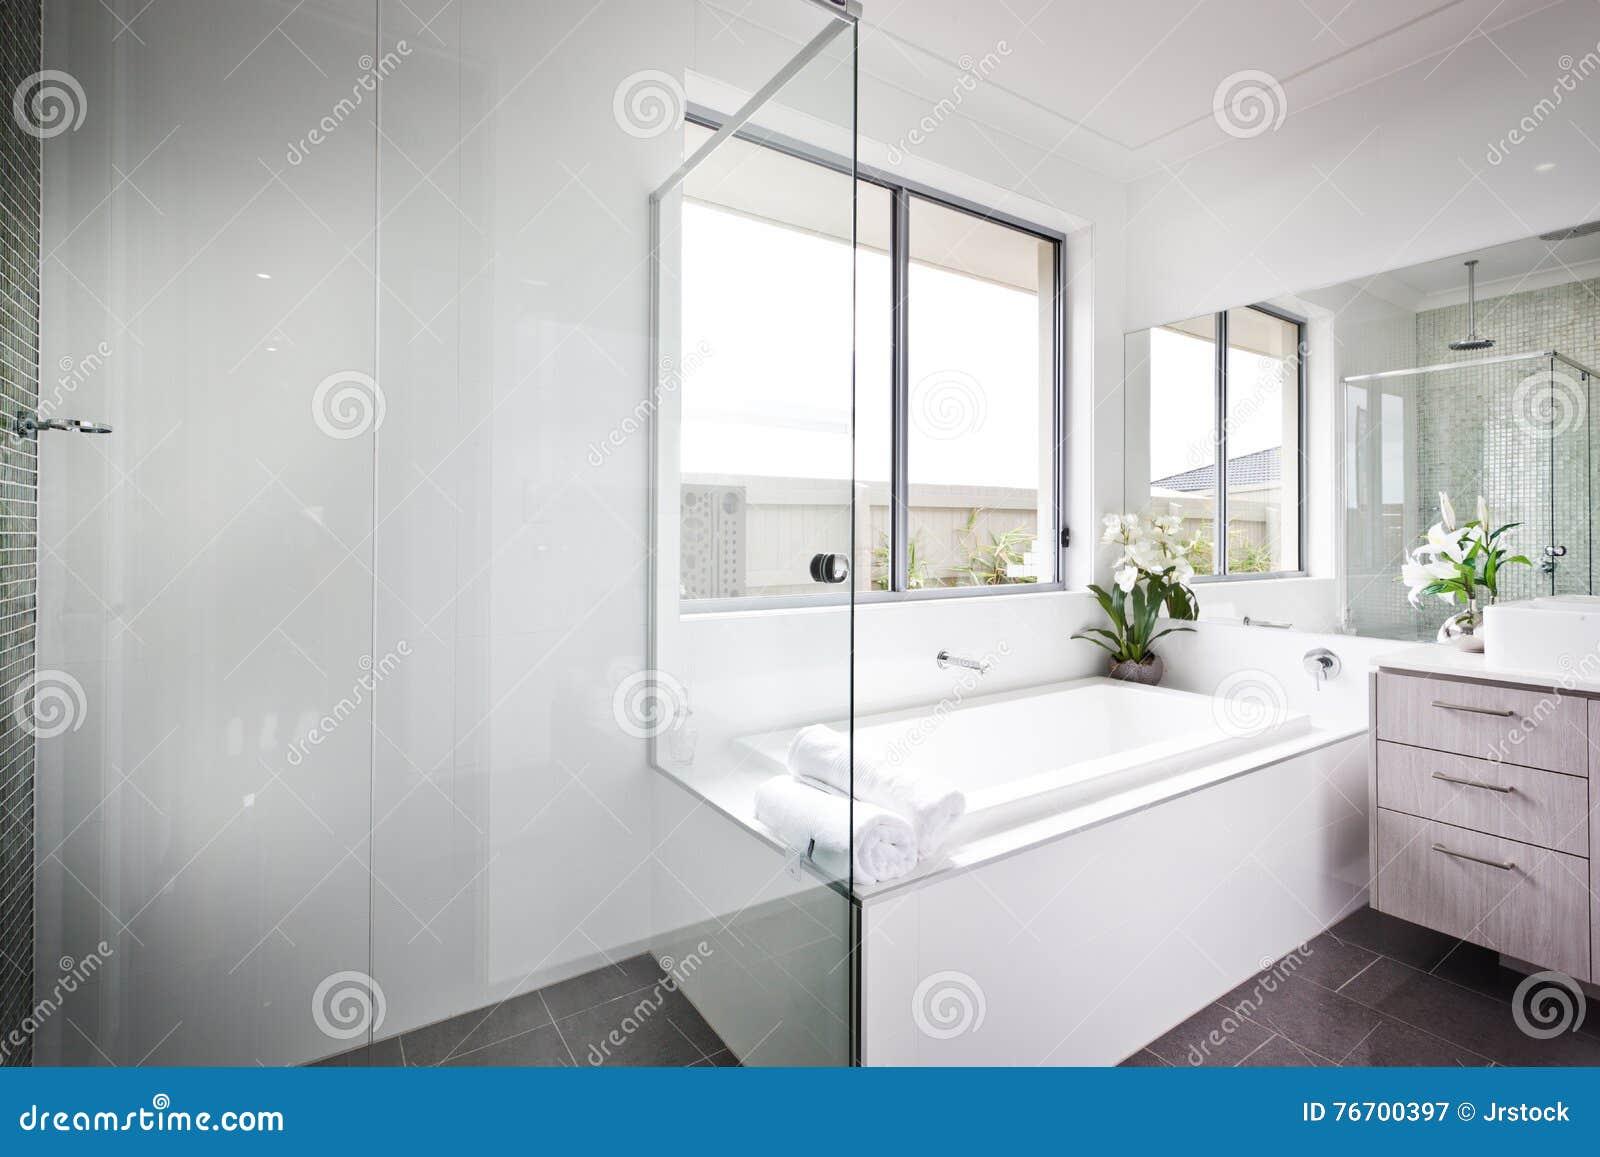 Toilette Da Bagno : Toilette di lusso con le pareti e la vasca da bagno bianche